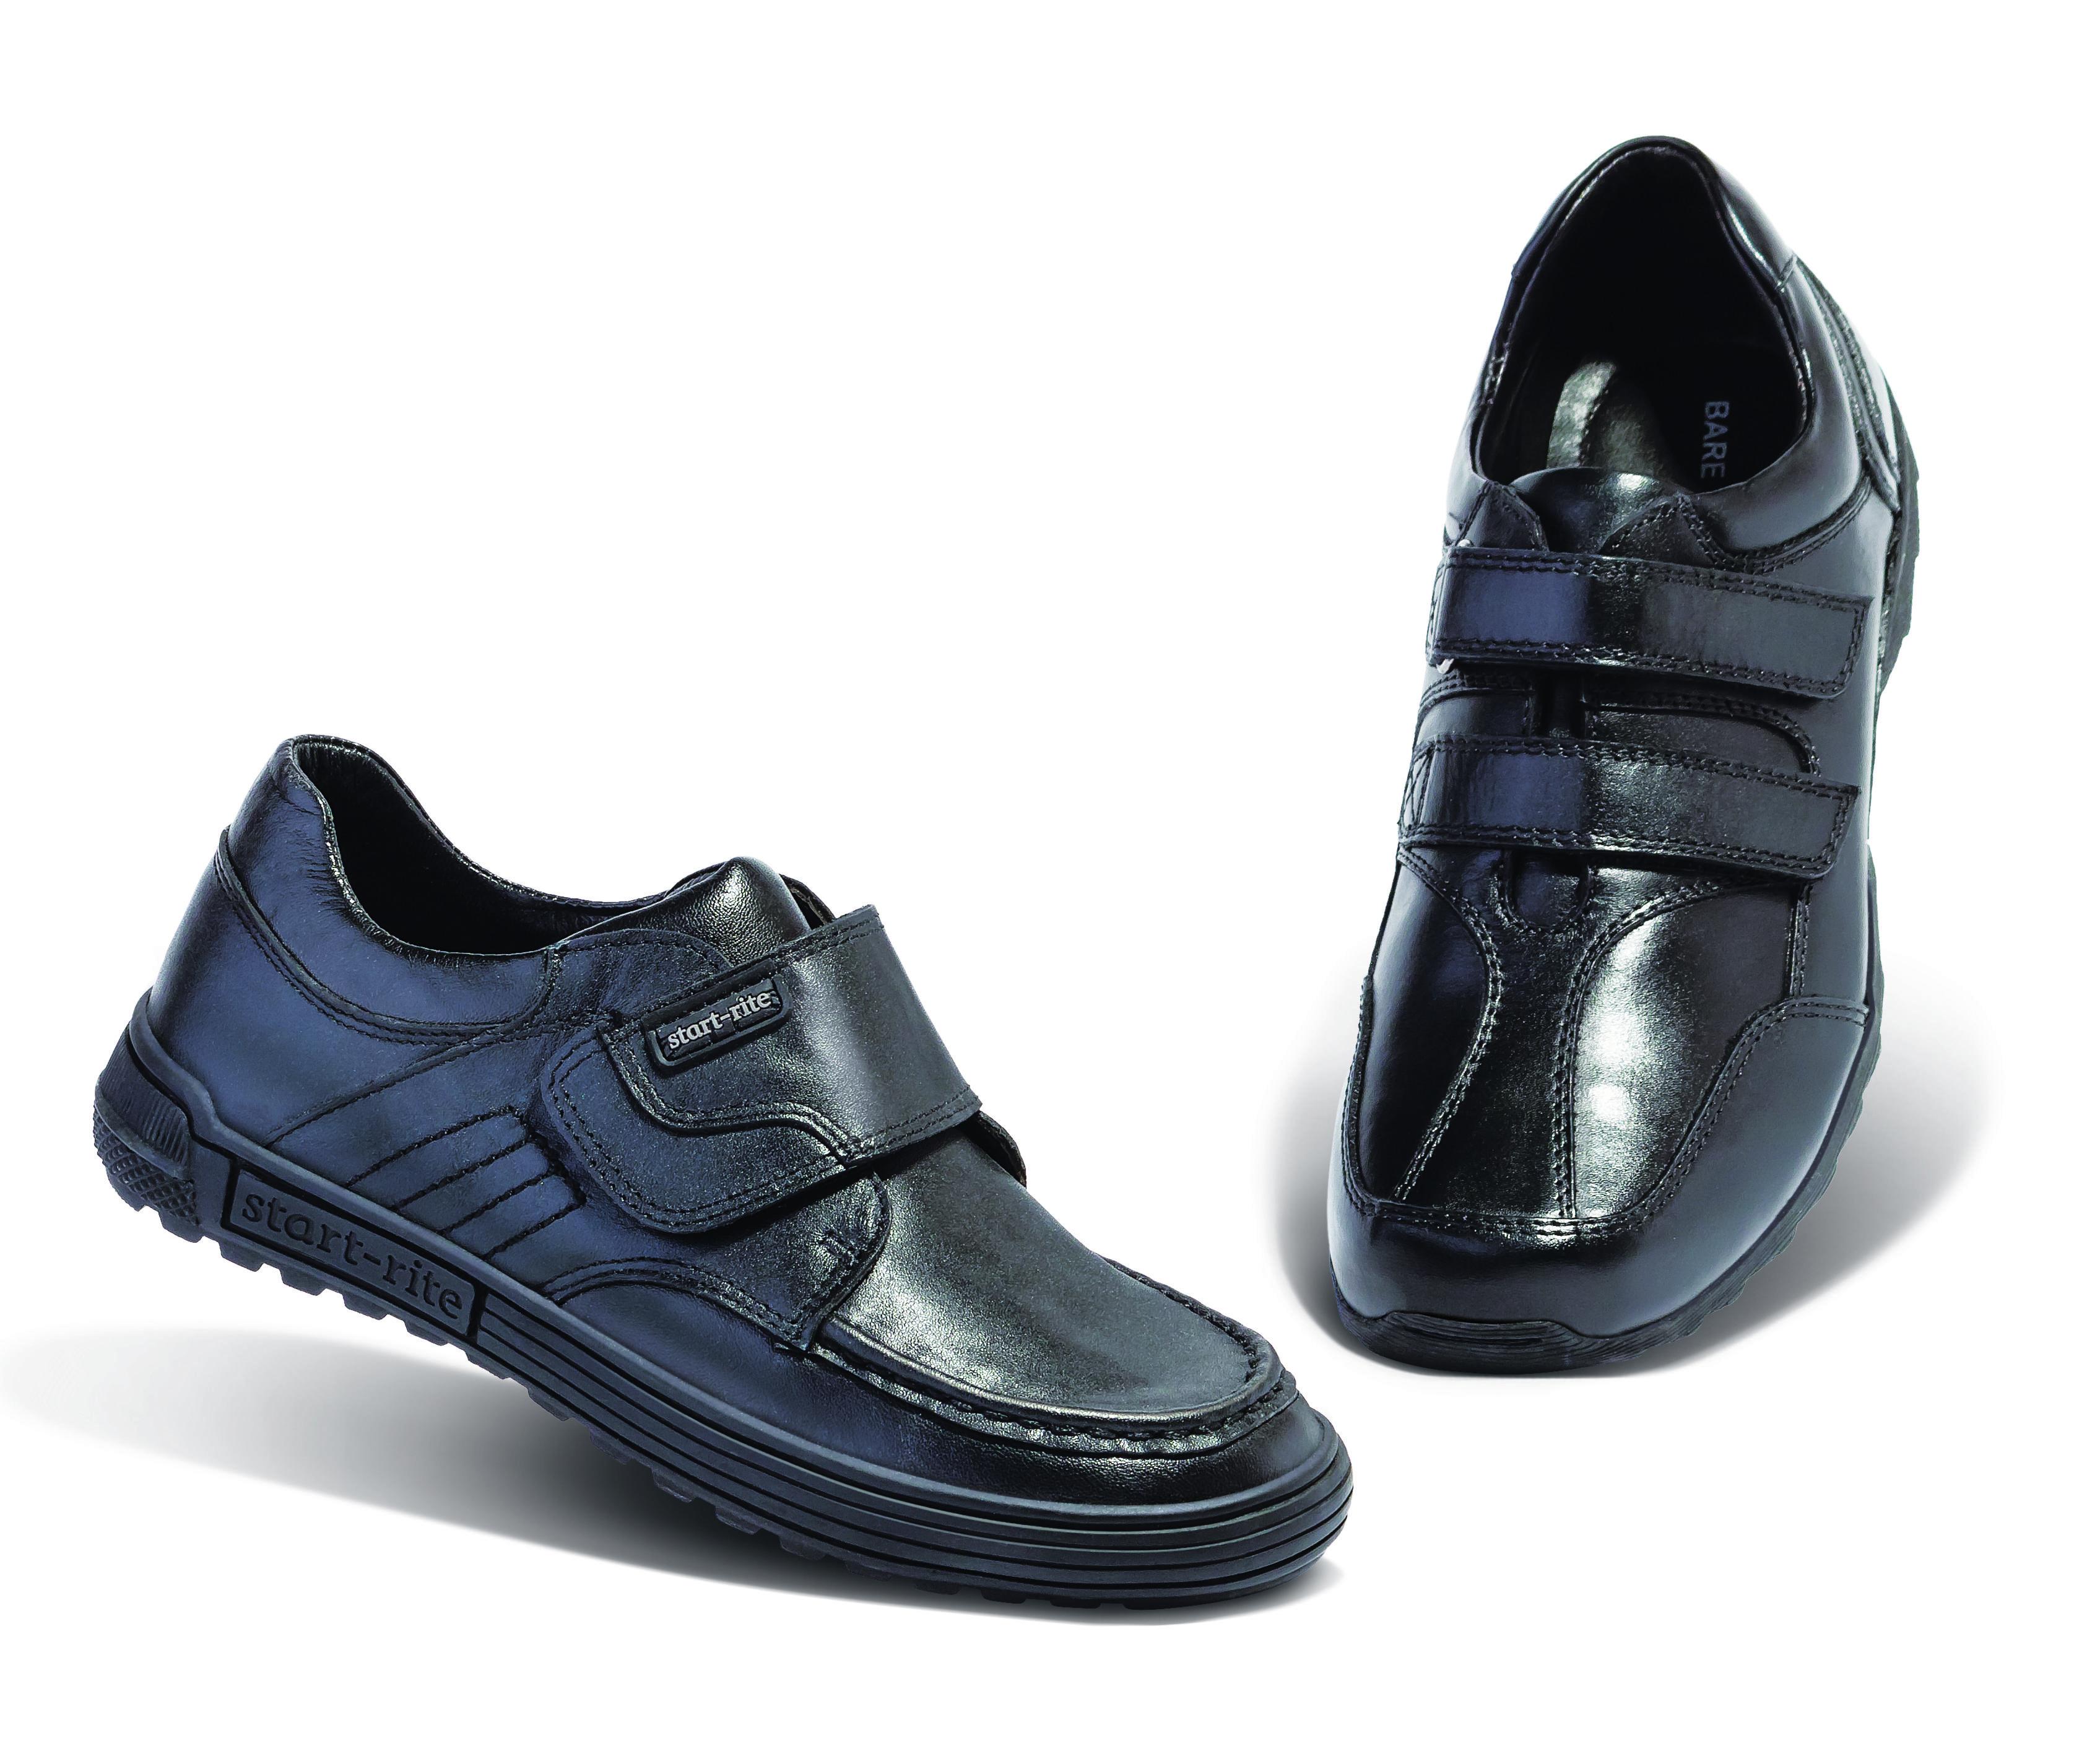 هل تبحث عن أحذية رسمية لأطفالك تسوق من المجموعة الواسعة للاحذية السوداء المريحة المناسبة للسنة الدراسية Looking For Dress Shoes Men Oxford Shoes Black Sneaker